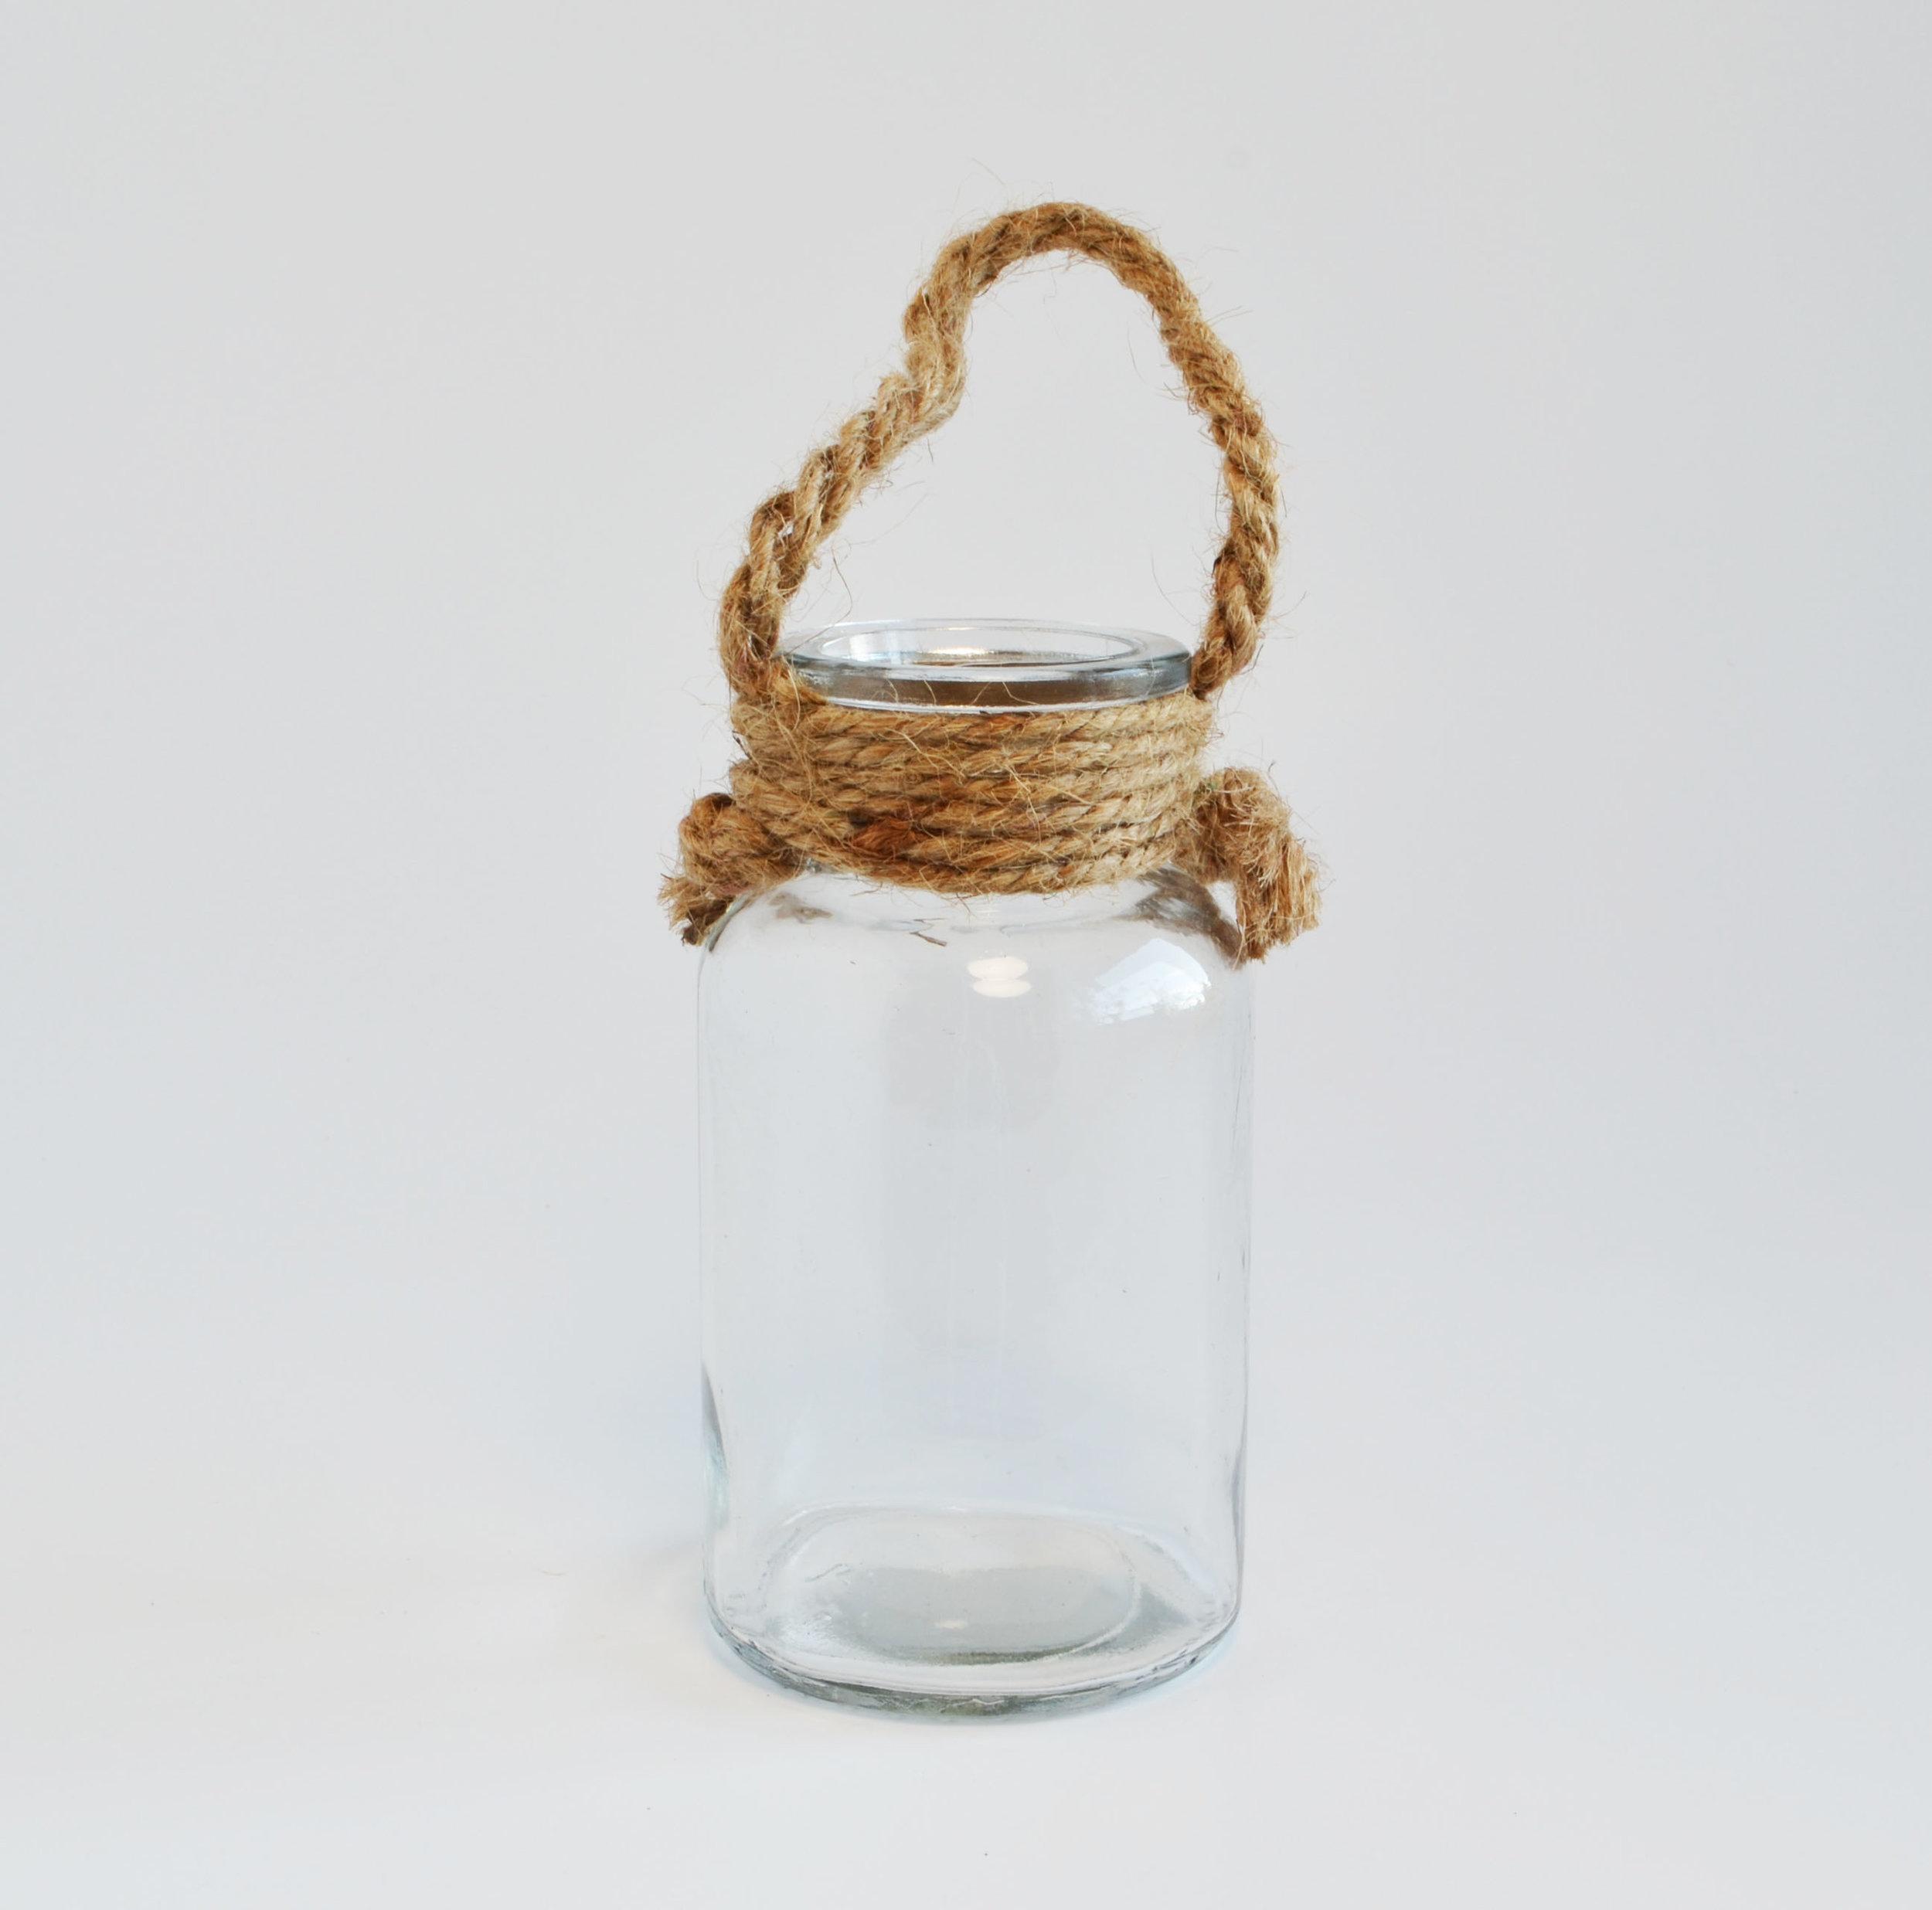 glass + rope vase - short   Quantity: 5  Price: $4.50